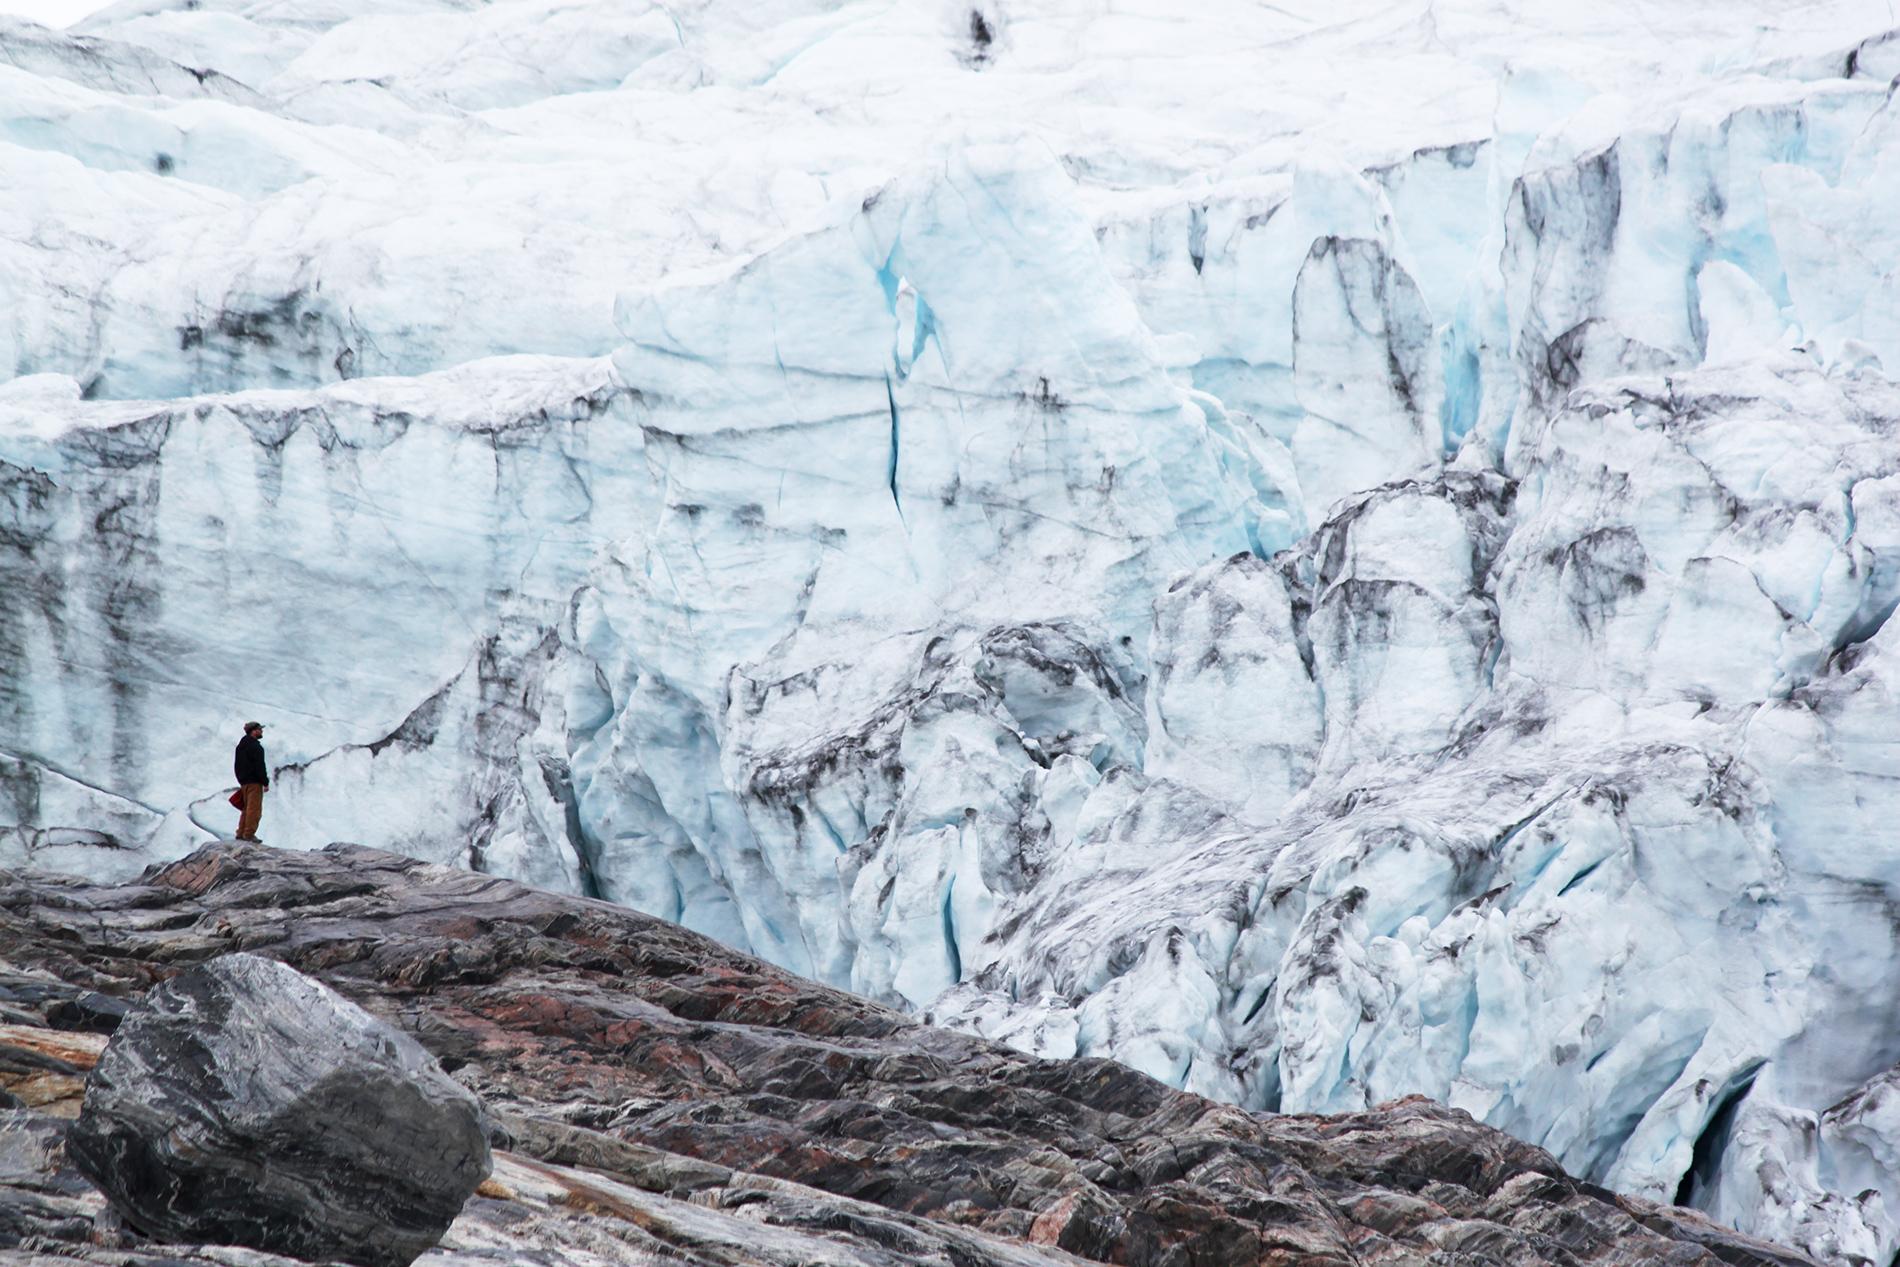 Jään reuna on vain reilun puolentunnin kävelymatkan päässä telttaleiristä.